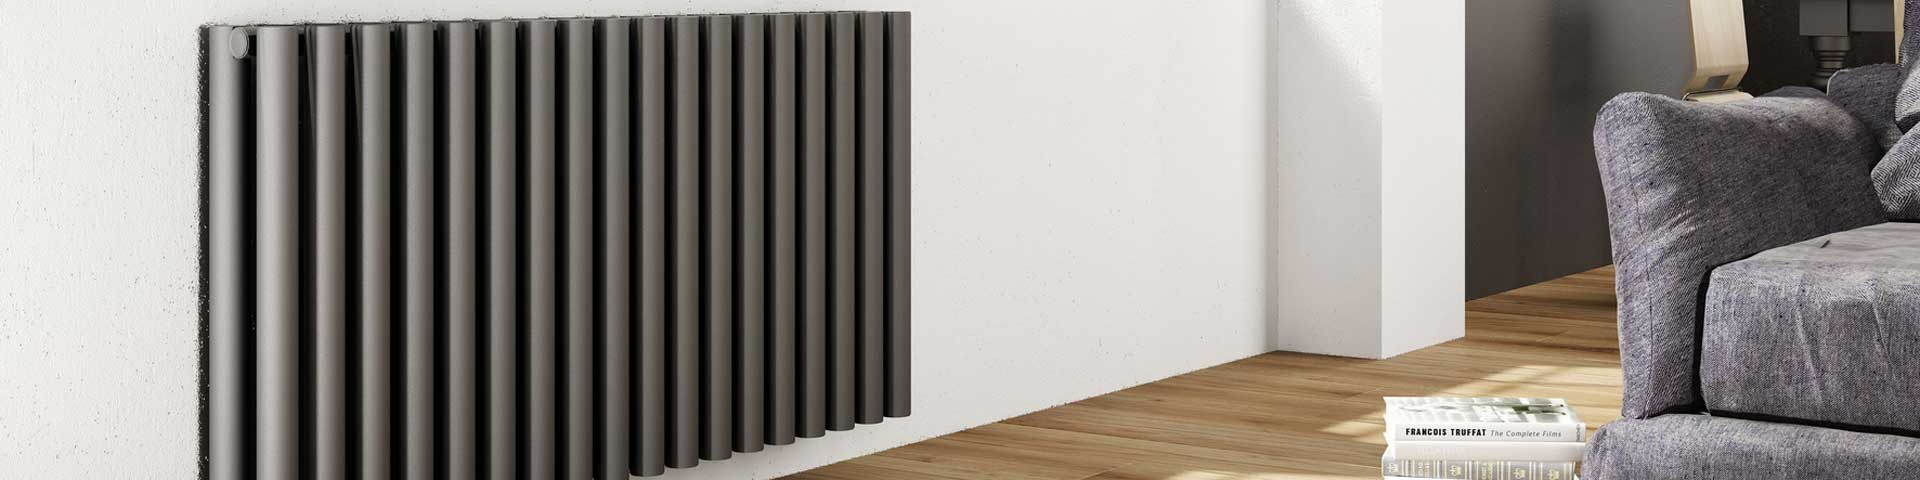 Termoarredo radiatori e scaldasalviette di design roma - Cirelli arredo bagno ...